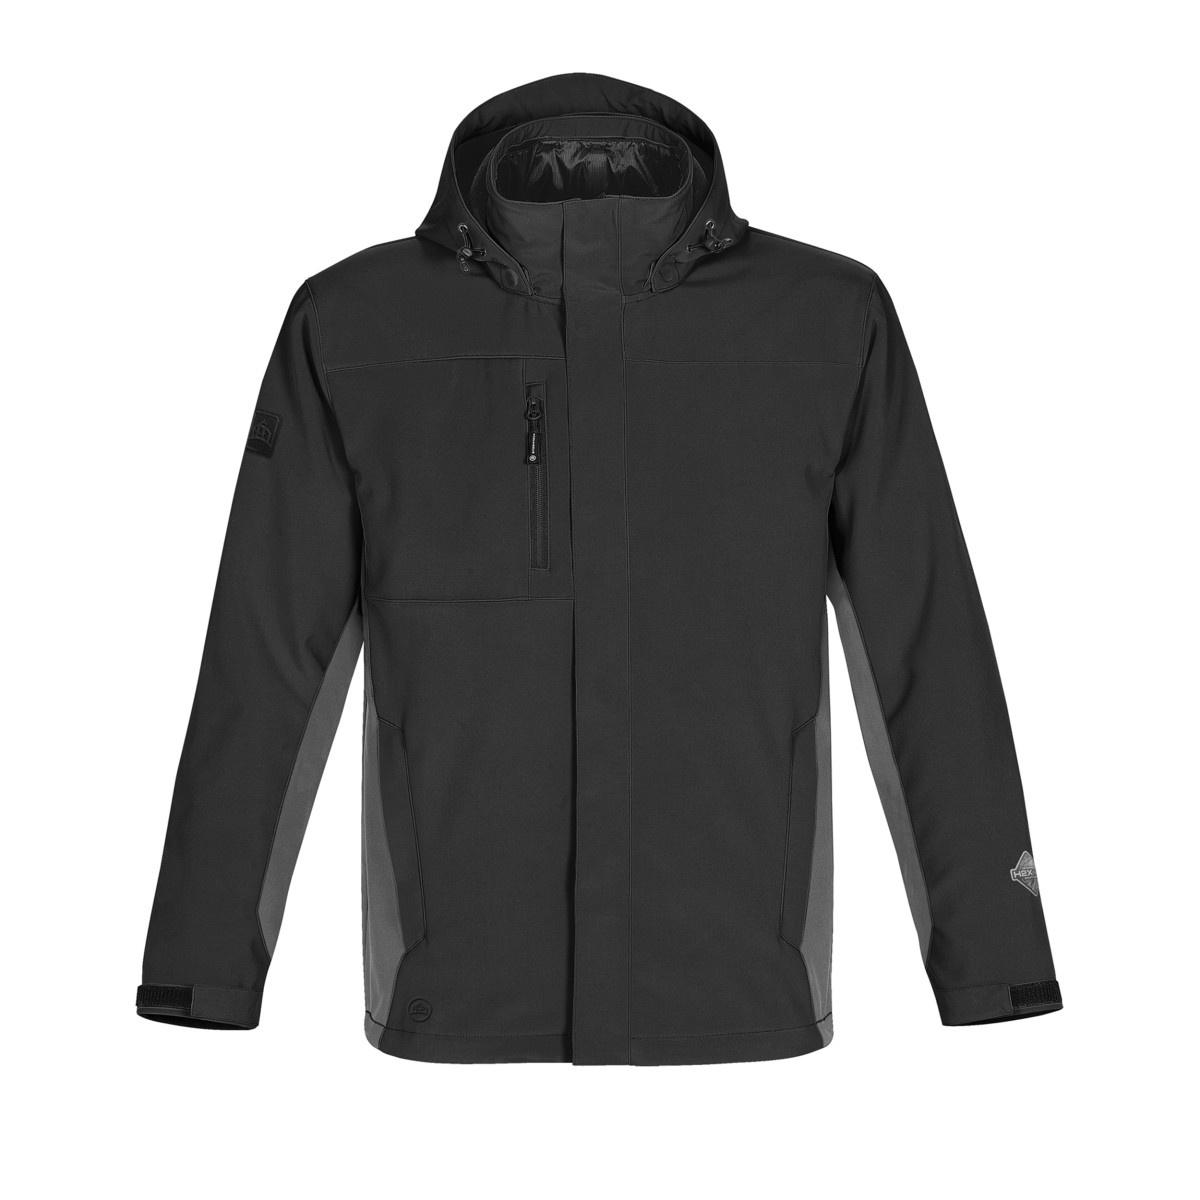 Stormtech Mens Atmosphere 3-in-1 Performance System Jacket (Waterproof & Breathable) (S) (Black/Granite)